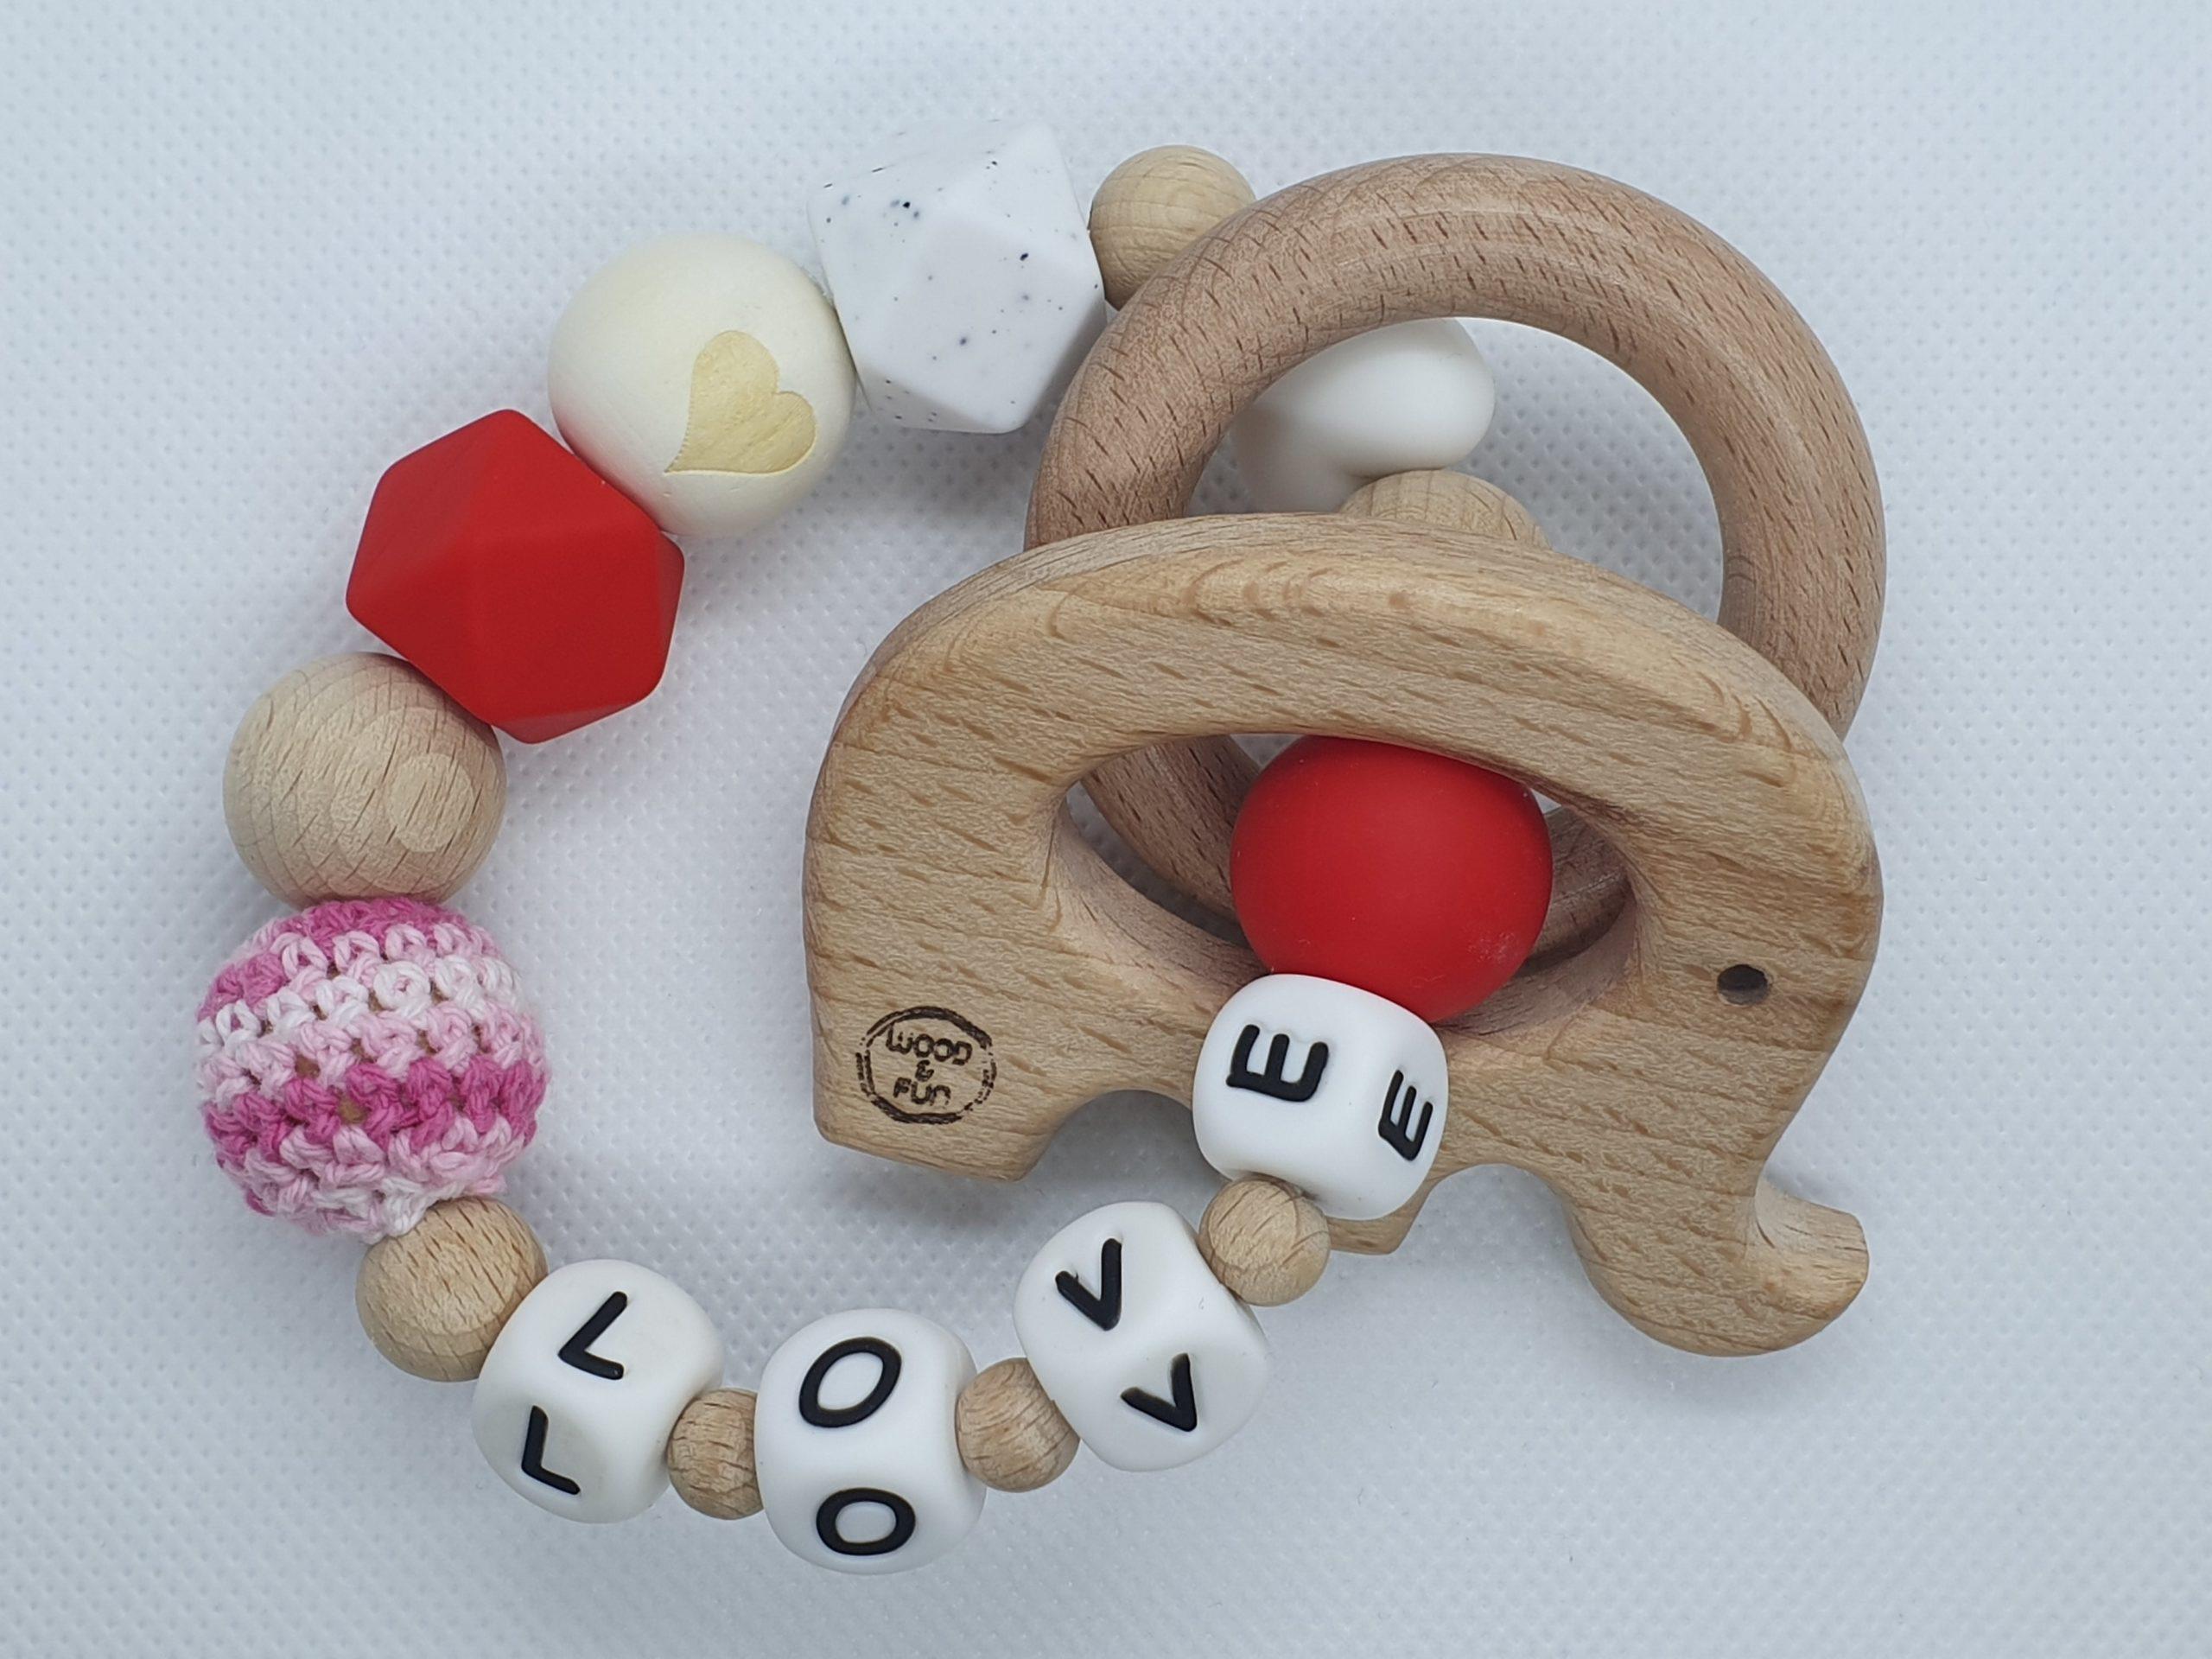 Bijtring met naam Love Wood & Fun